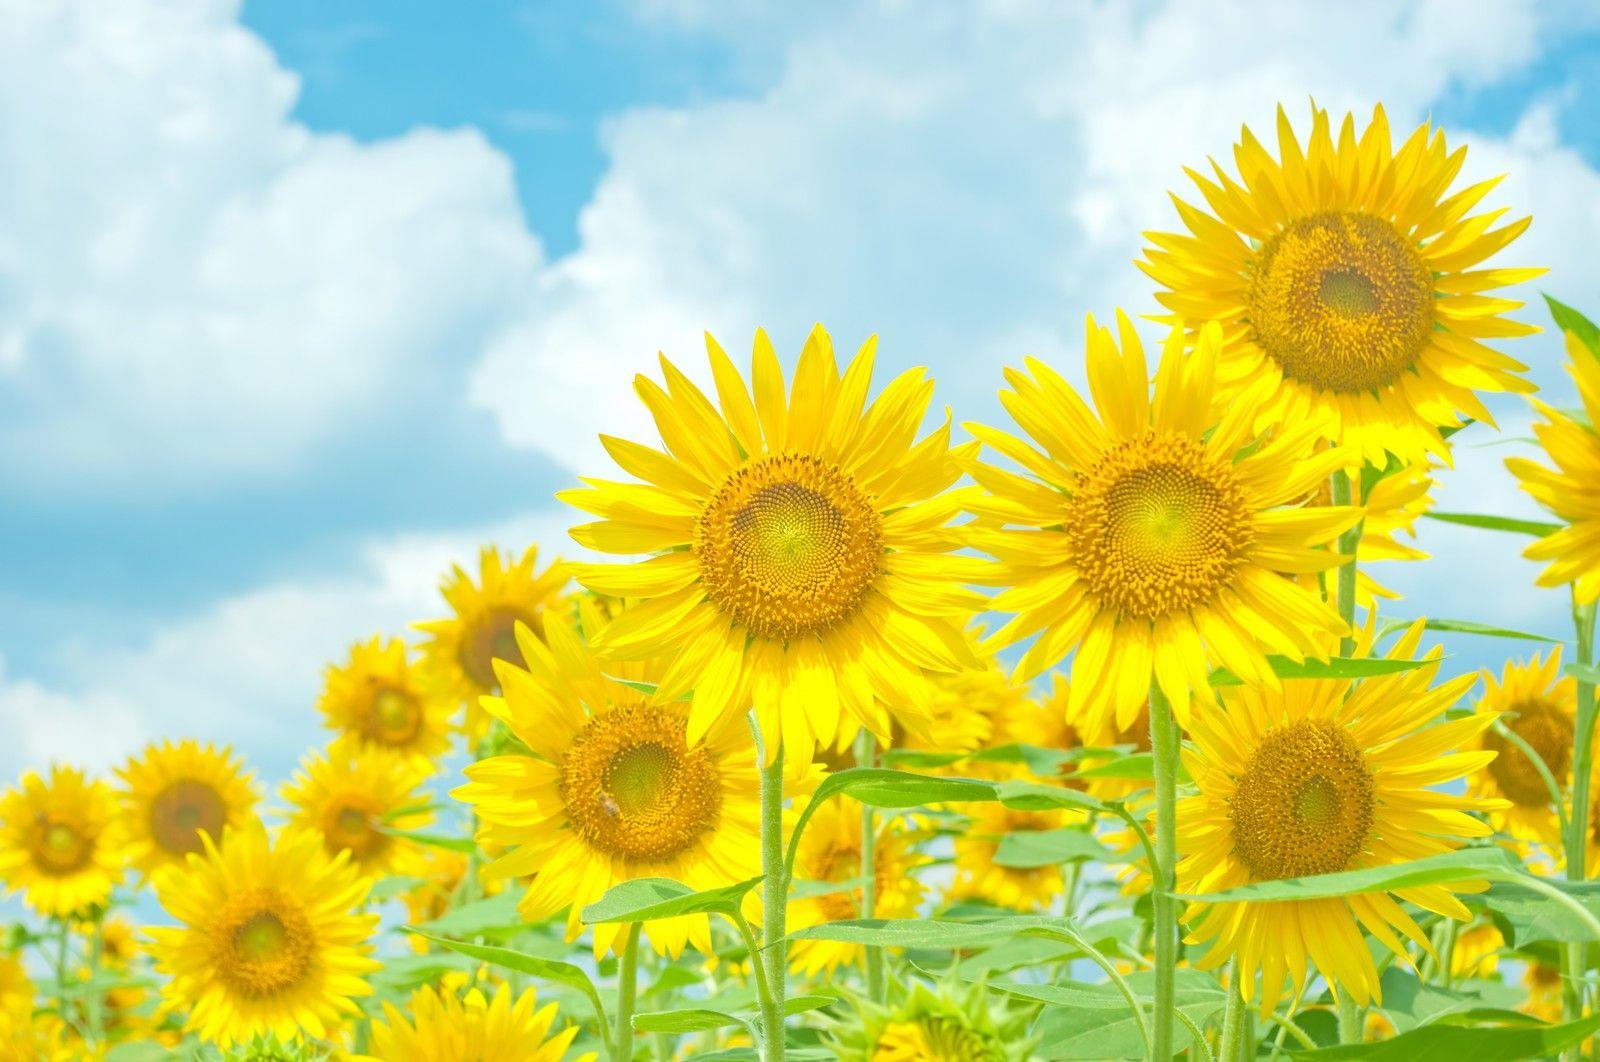 青空と黄色い向日葵 ぱくたそ フリー写真素材 無料ダウンロード Flowers Photography Botanical Flowers